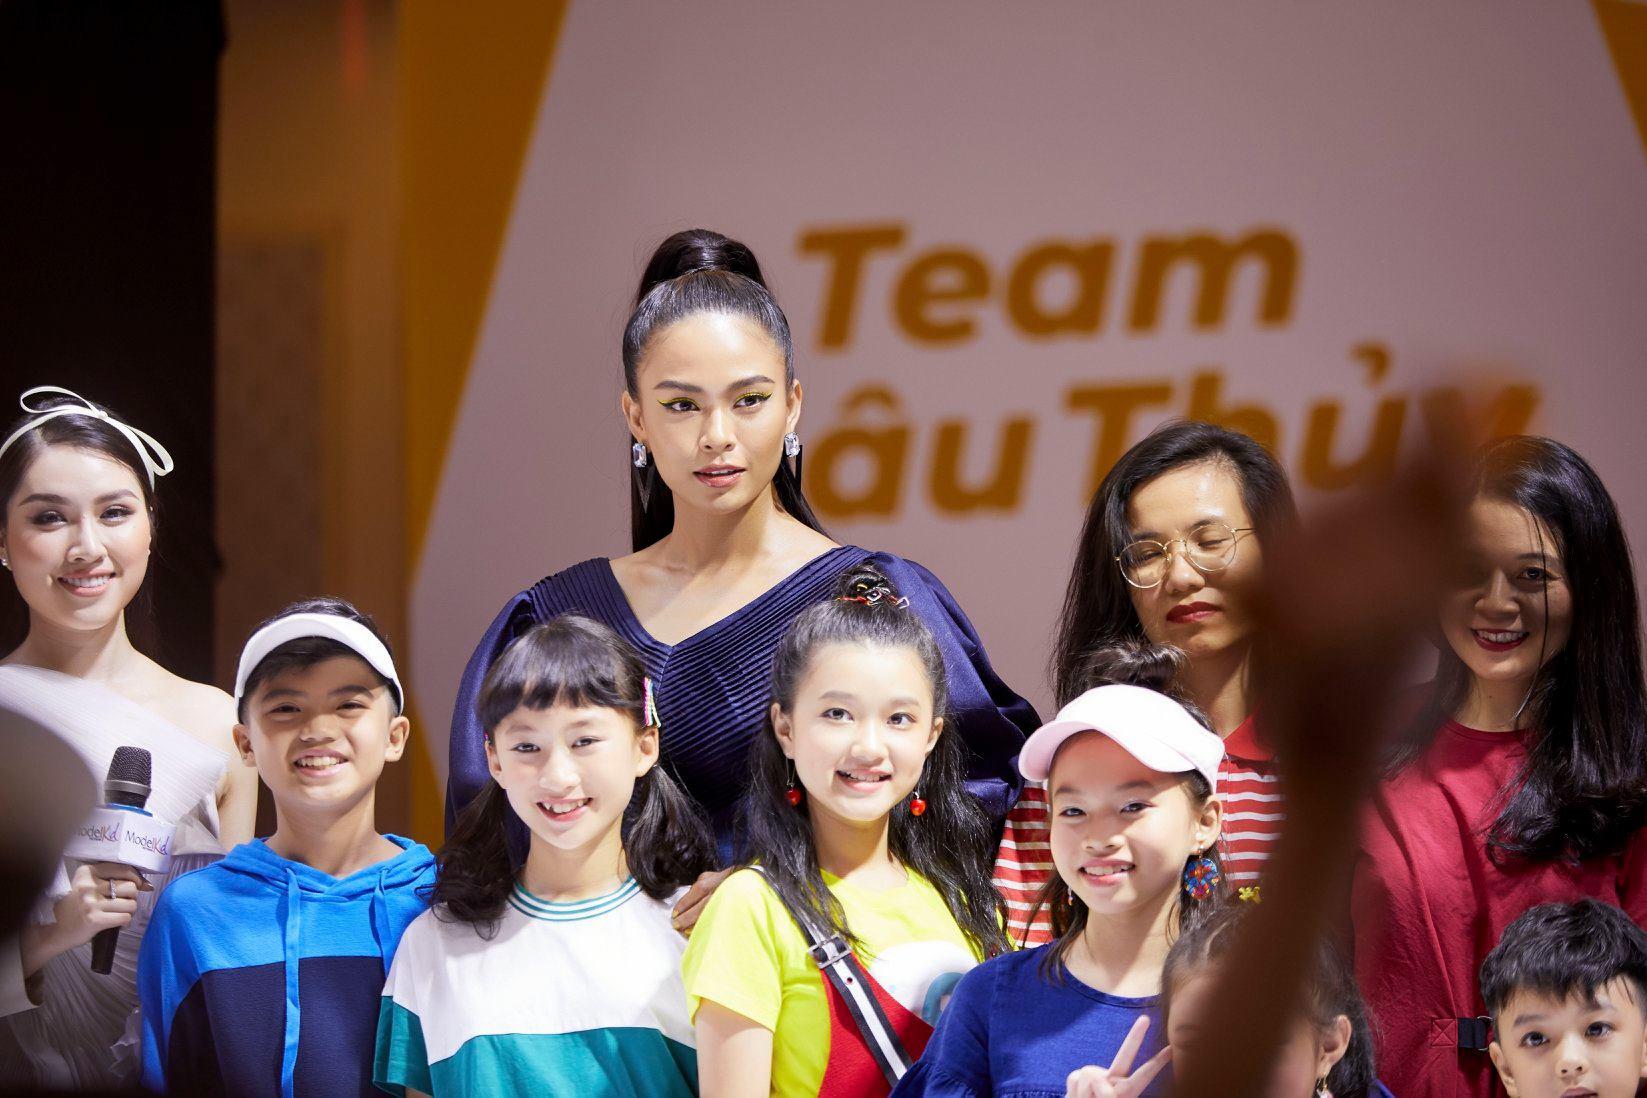 Mâu Thủy chính là HLV của chương trình Model Kids Vietnam 2019